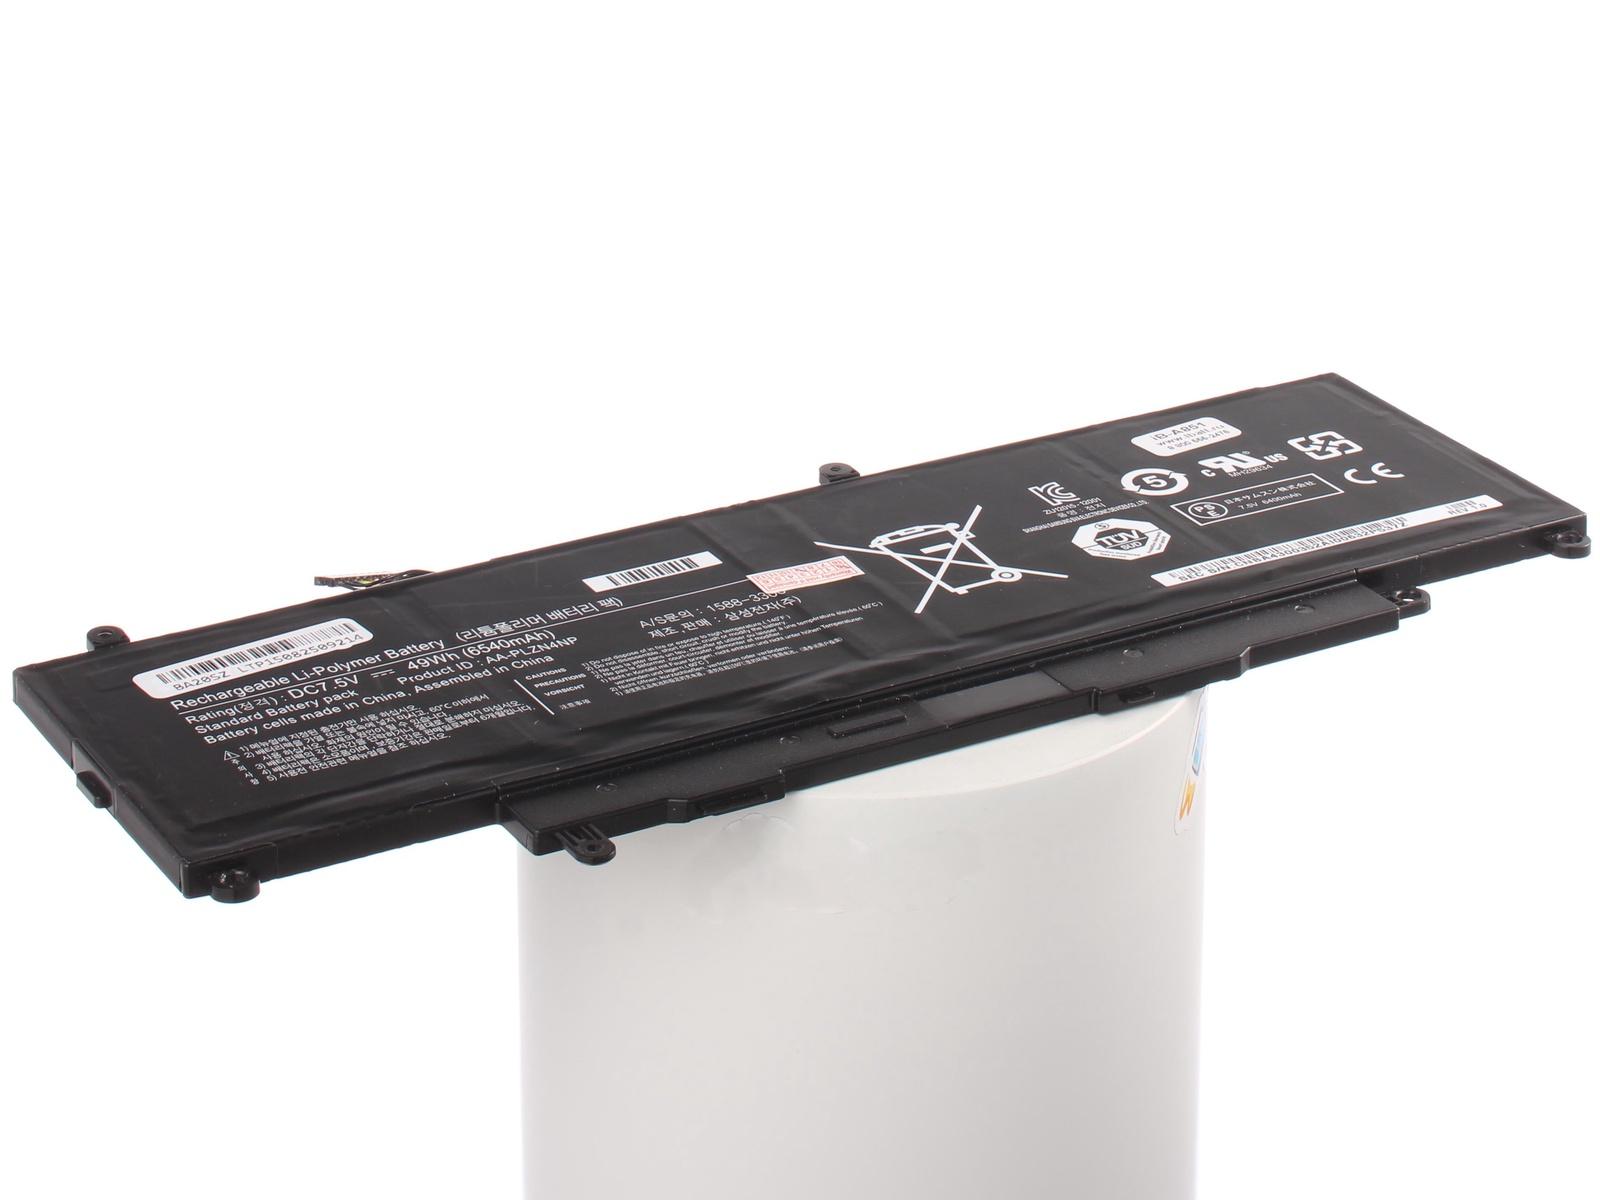 Аккумулятор для ноутбука iBatt для Samsung ATIV Smart PC Pro XE700T1C-A03 64Gb, XE700T1C-A02, ATIV Smart PC Pro XE700T1C-A01 64GB, ATIV Smart PC Pro XE700T1C-A0A 128GB, ATIV Smart PC Pro XE700T1C-A0A 128Gb dock samsung pc studio скачать